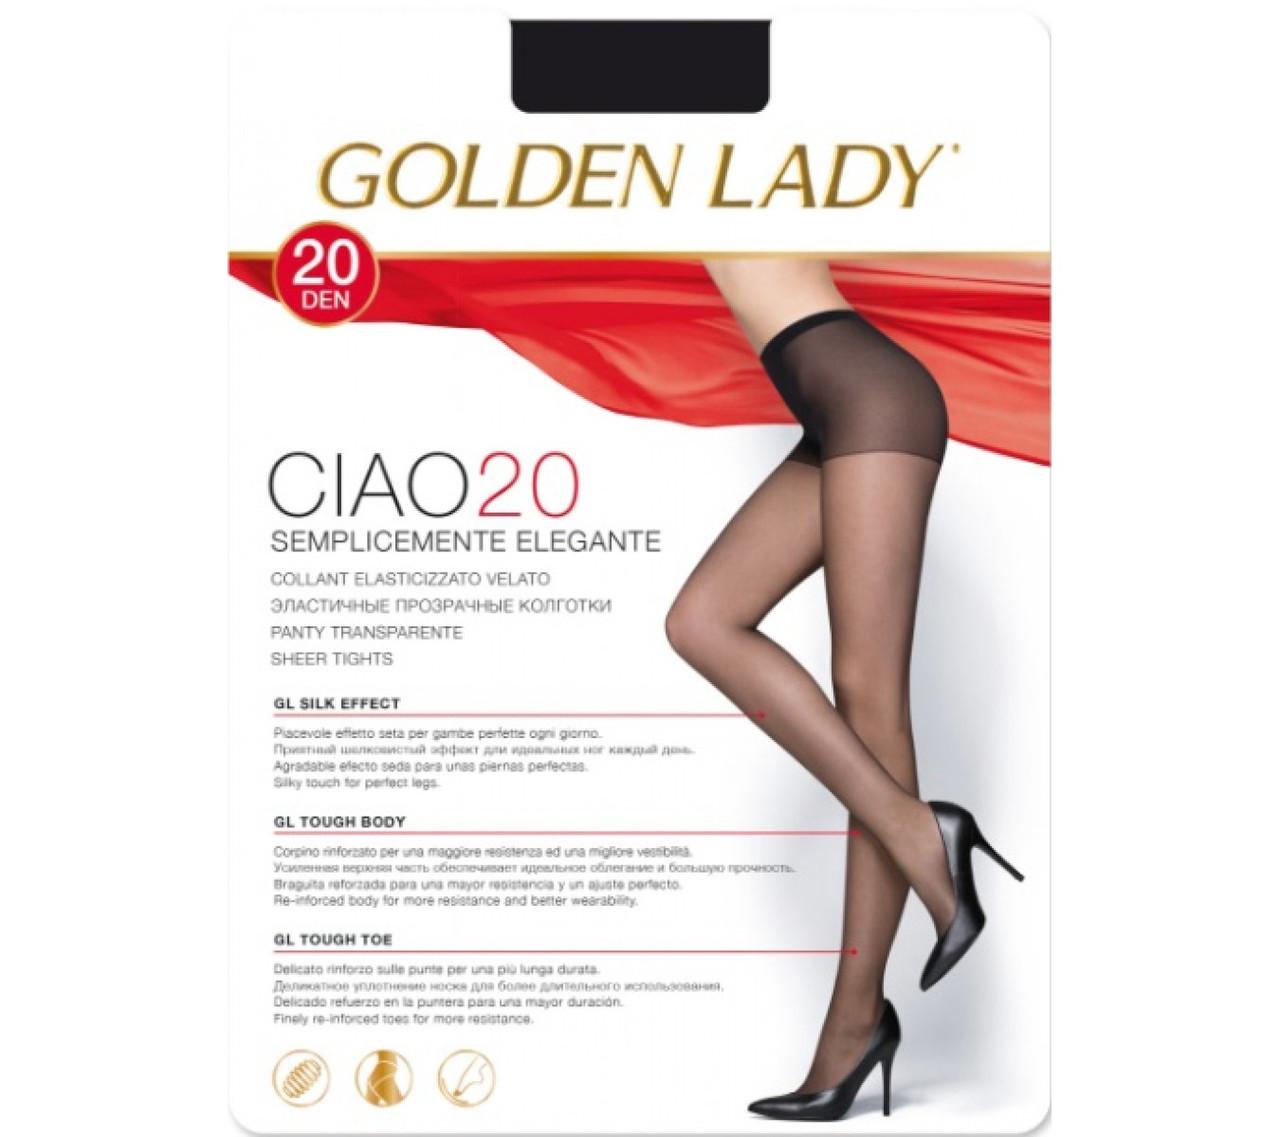 Колготки жіночі Golden Lady Ciao 20 den ОПТ, всі розміри, в се кольору, колготки Omsa